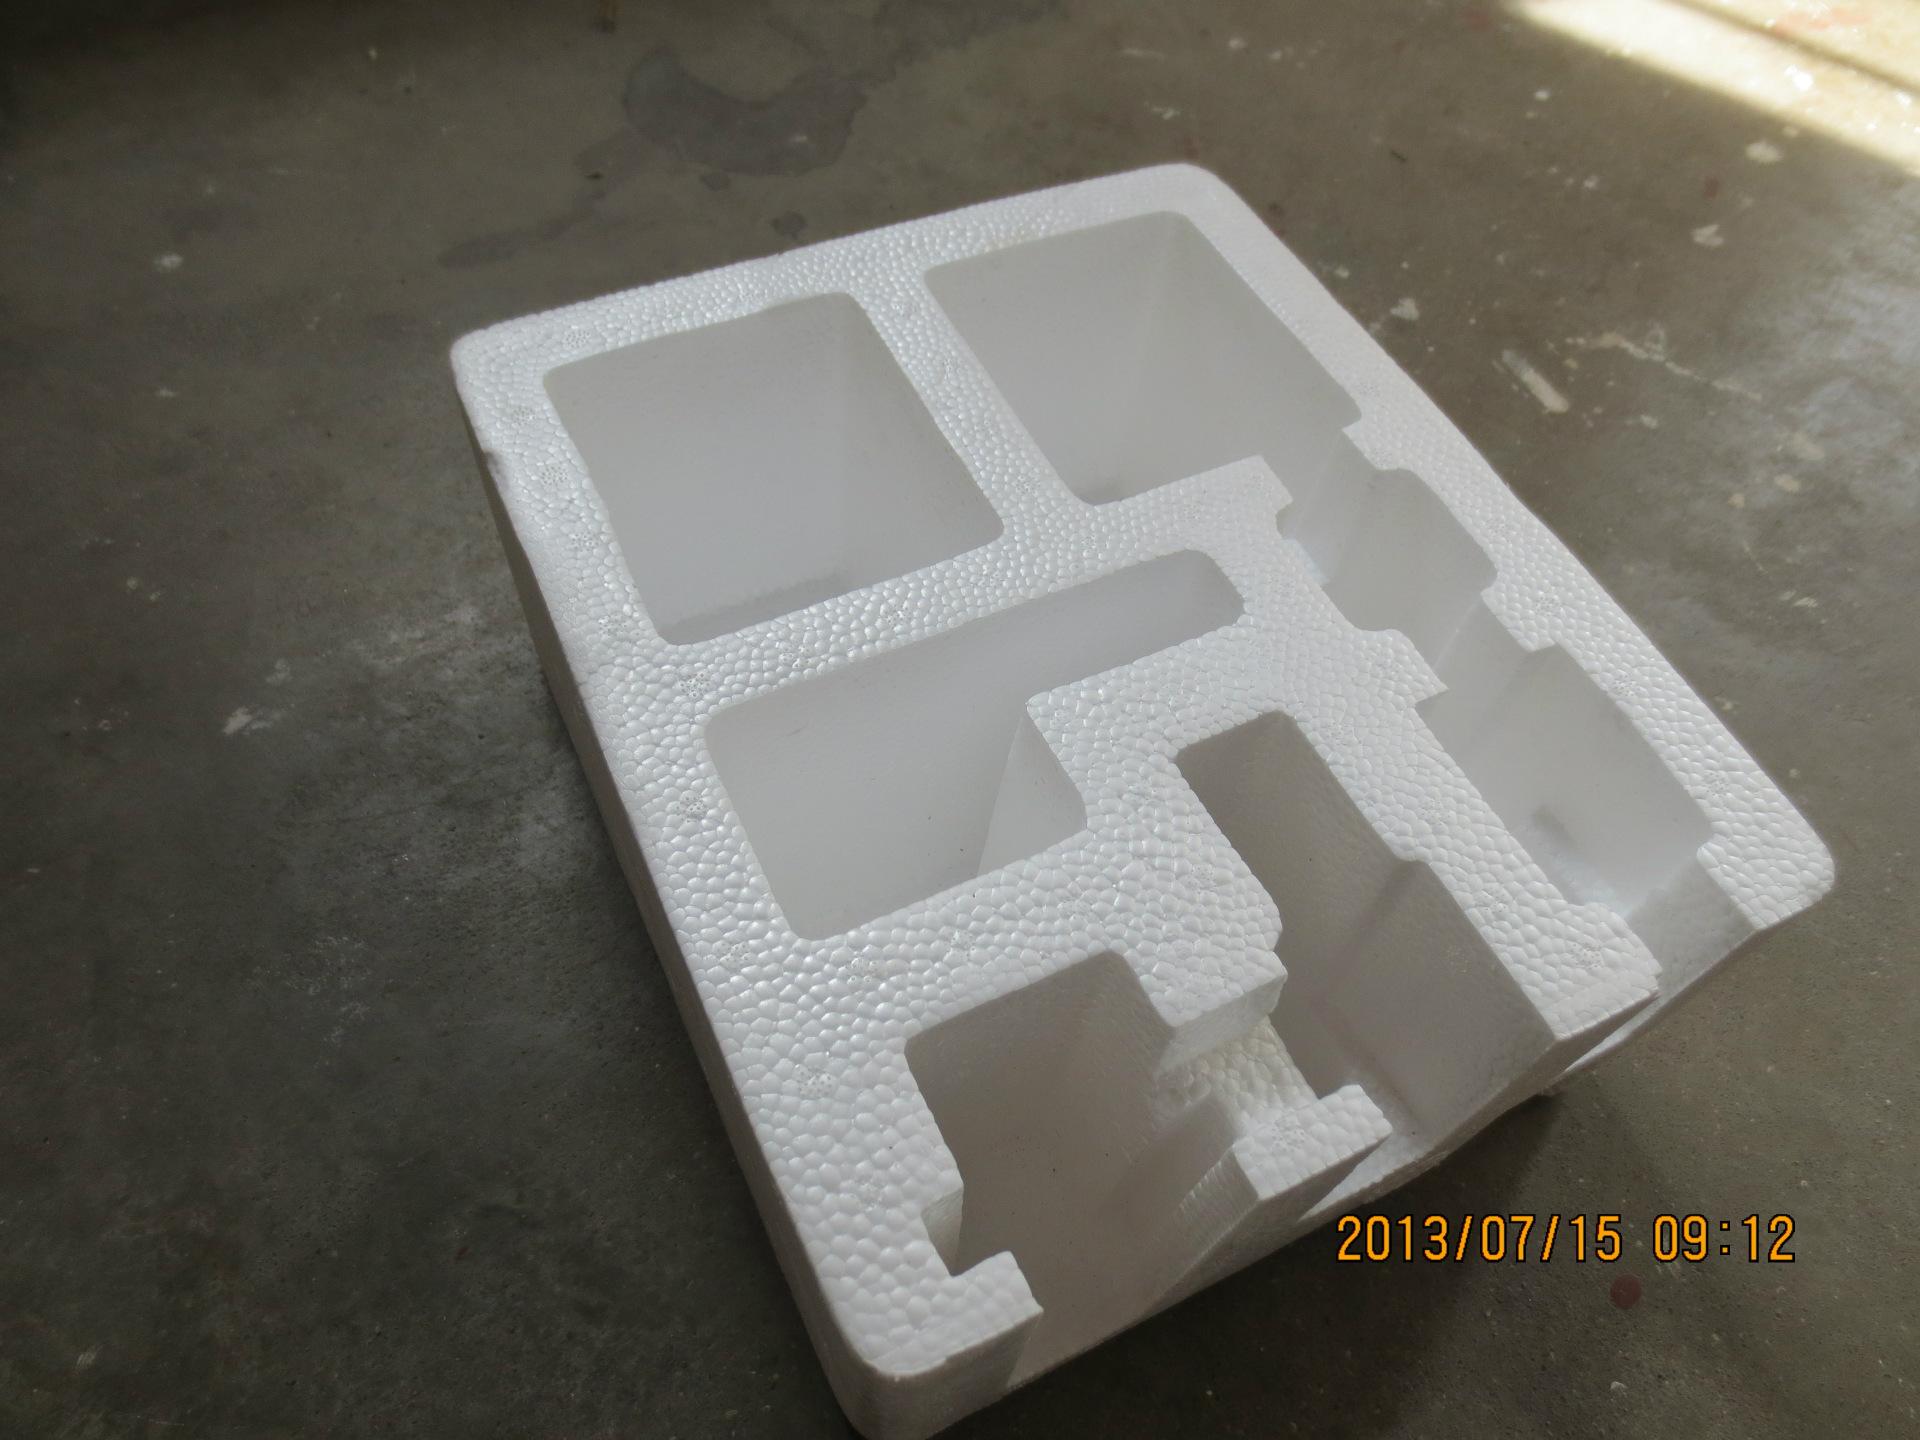 厂家专业定制 加工 物流运输防震 保丽龙EPX成型泡沫礼品包装